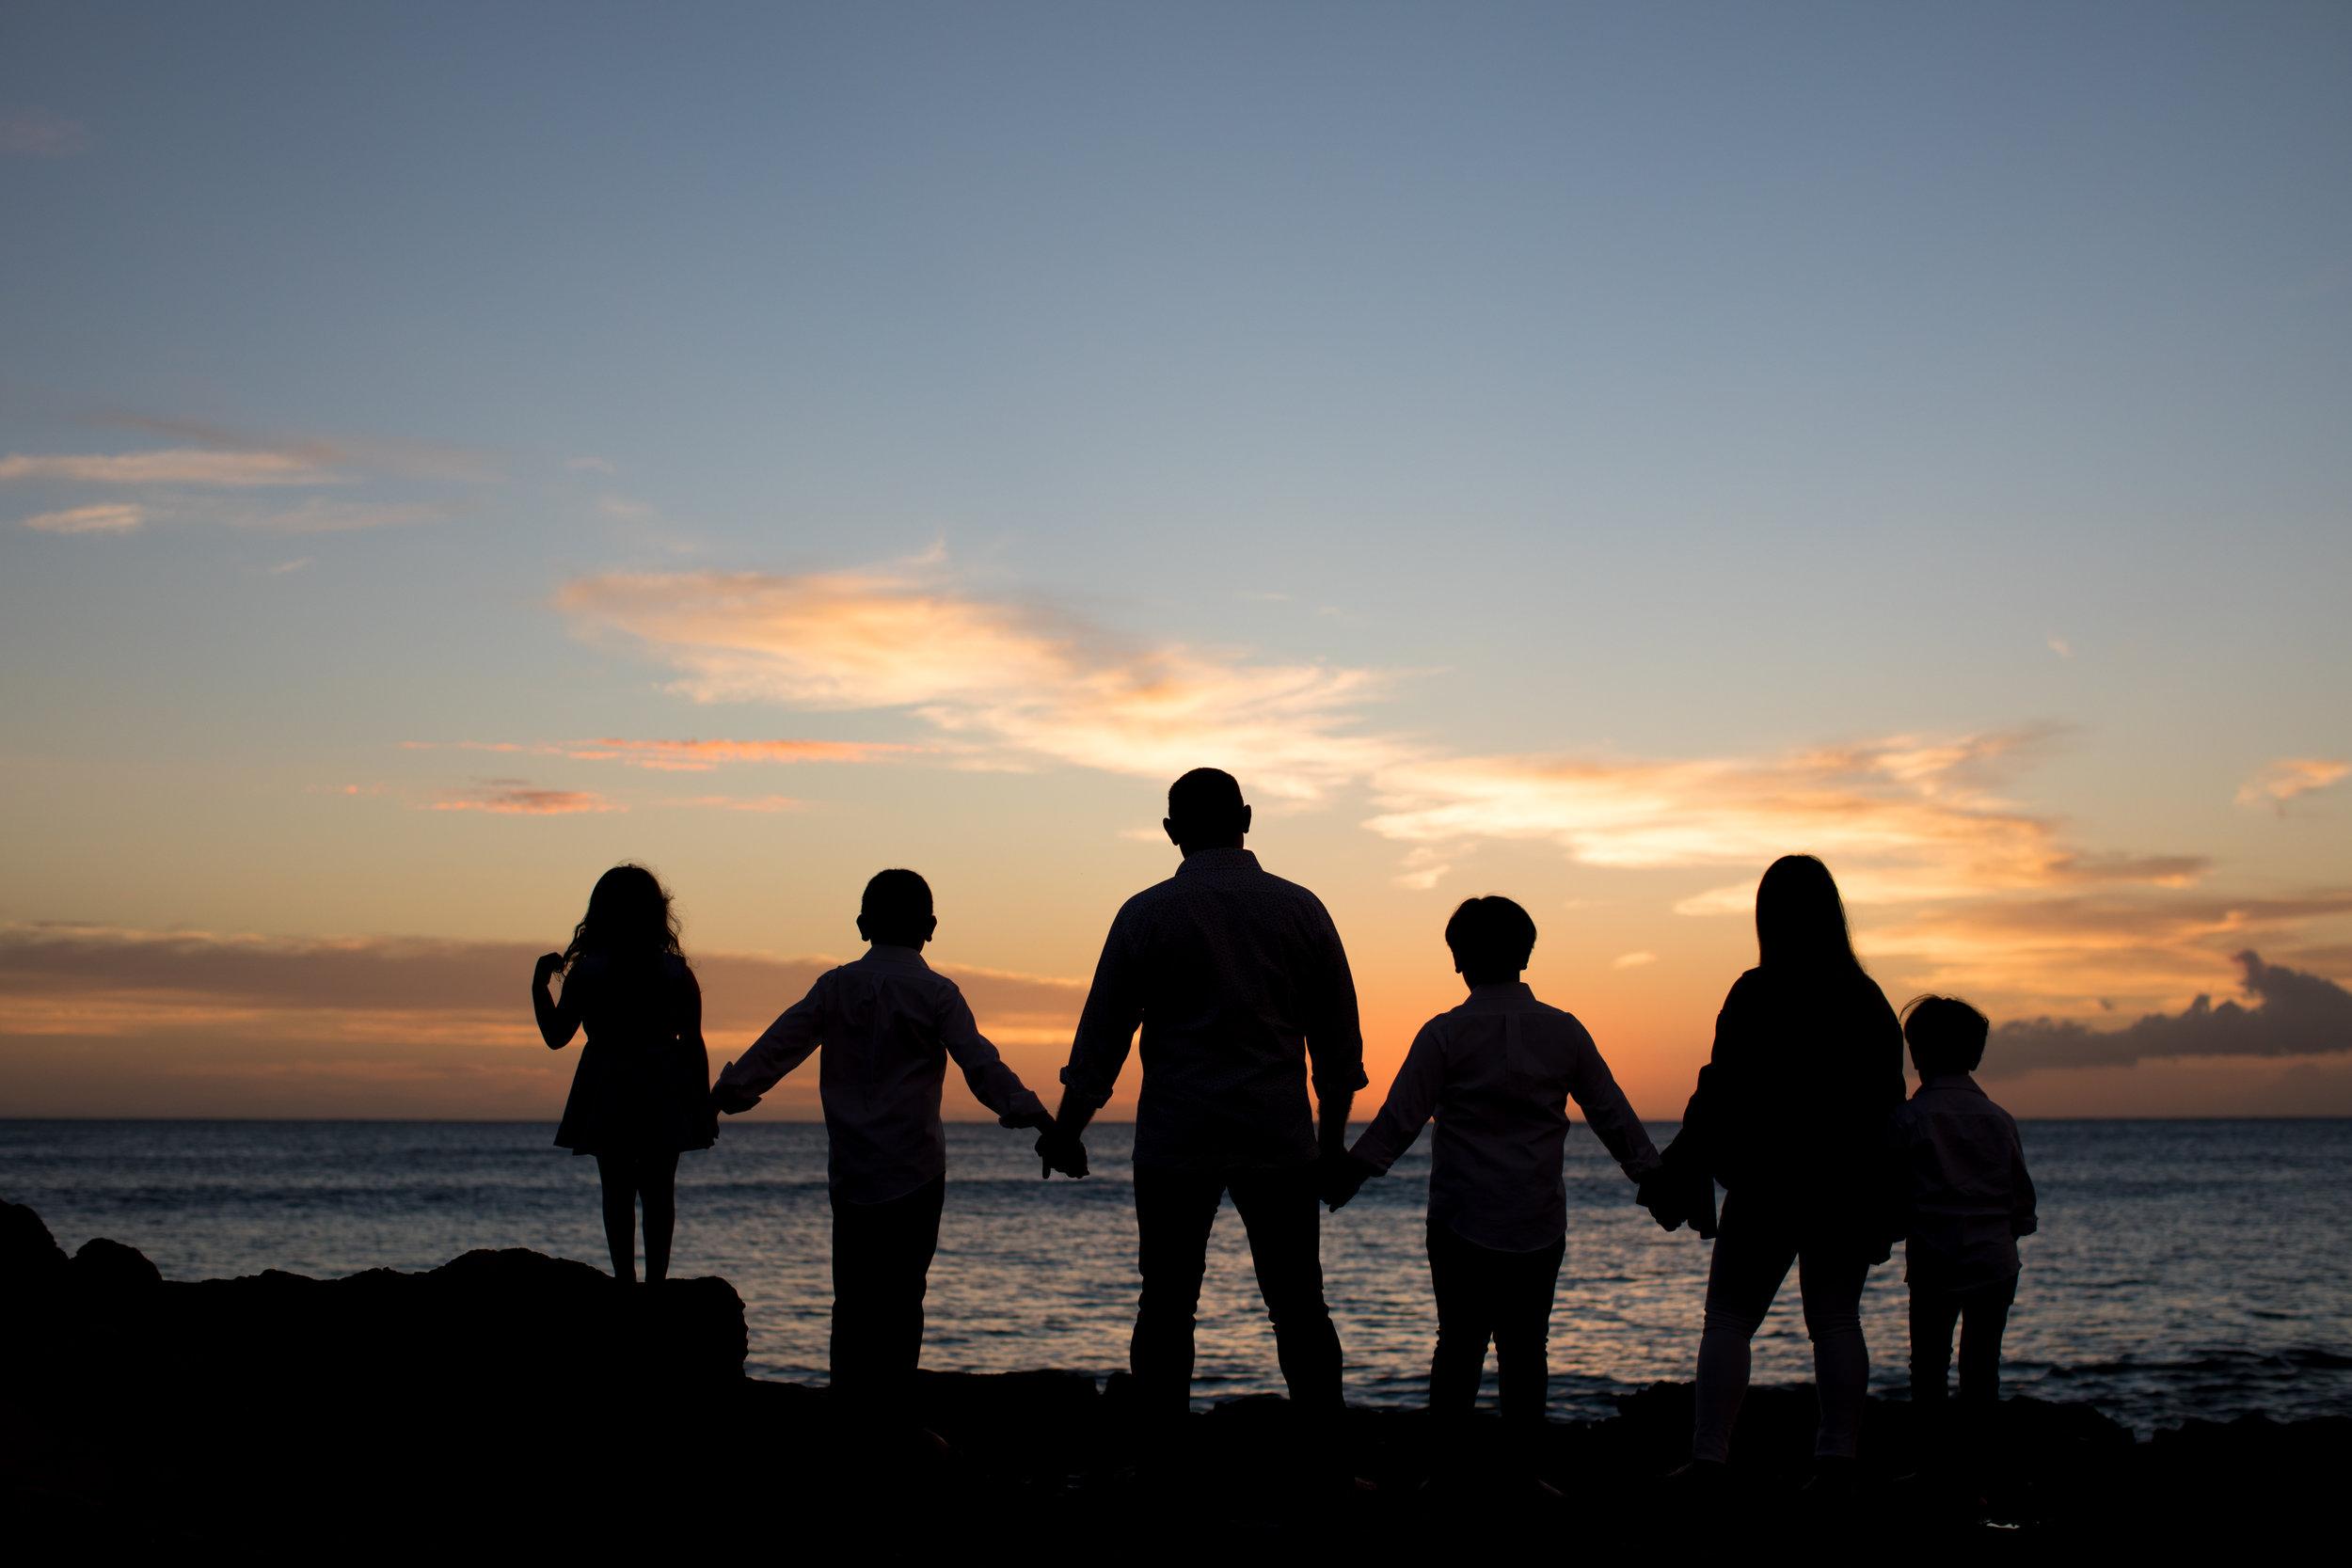 koolina-photographer-four-seasons-oahu-photographer-ola-collective-oahu-hawaii-photographer-27jpg